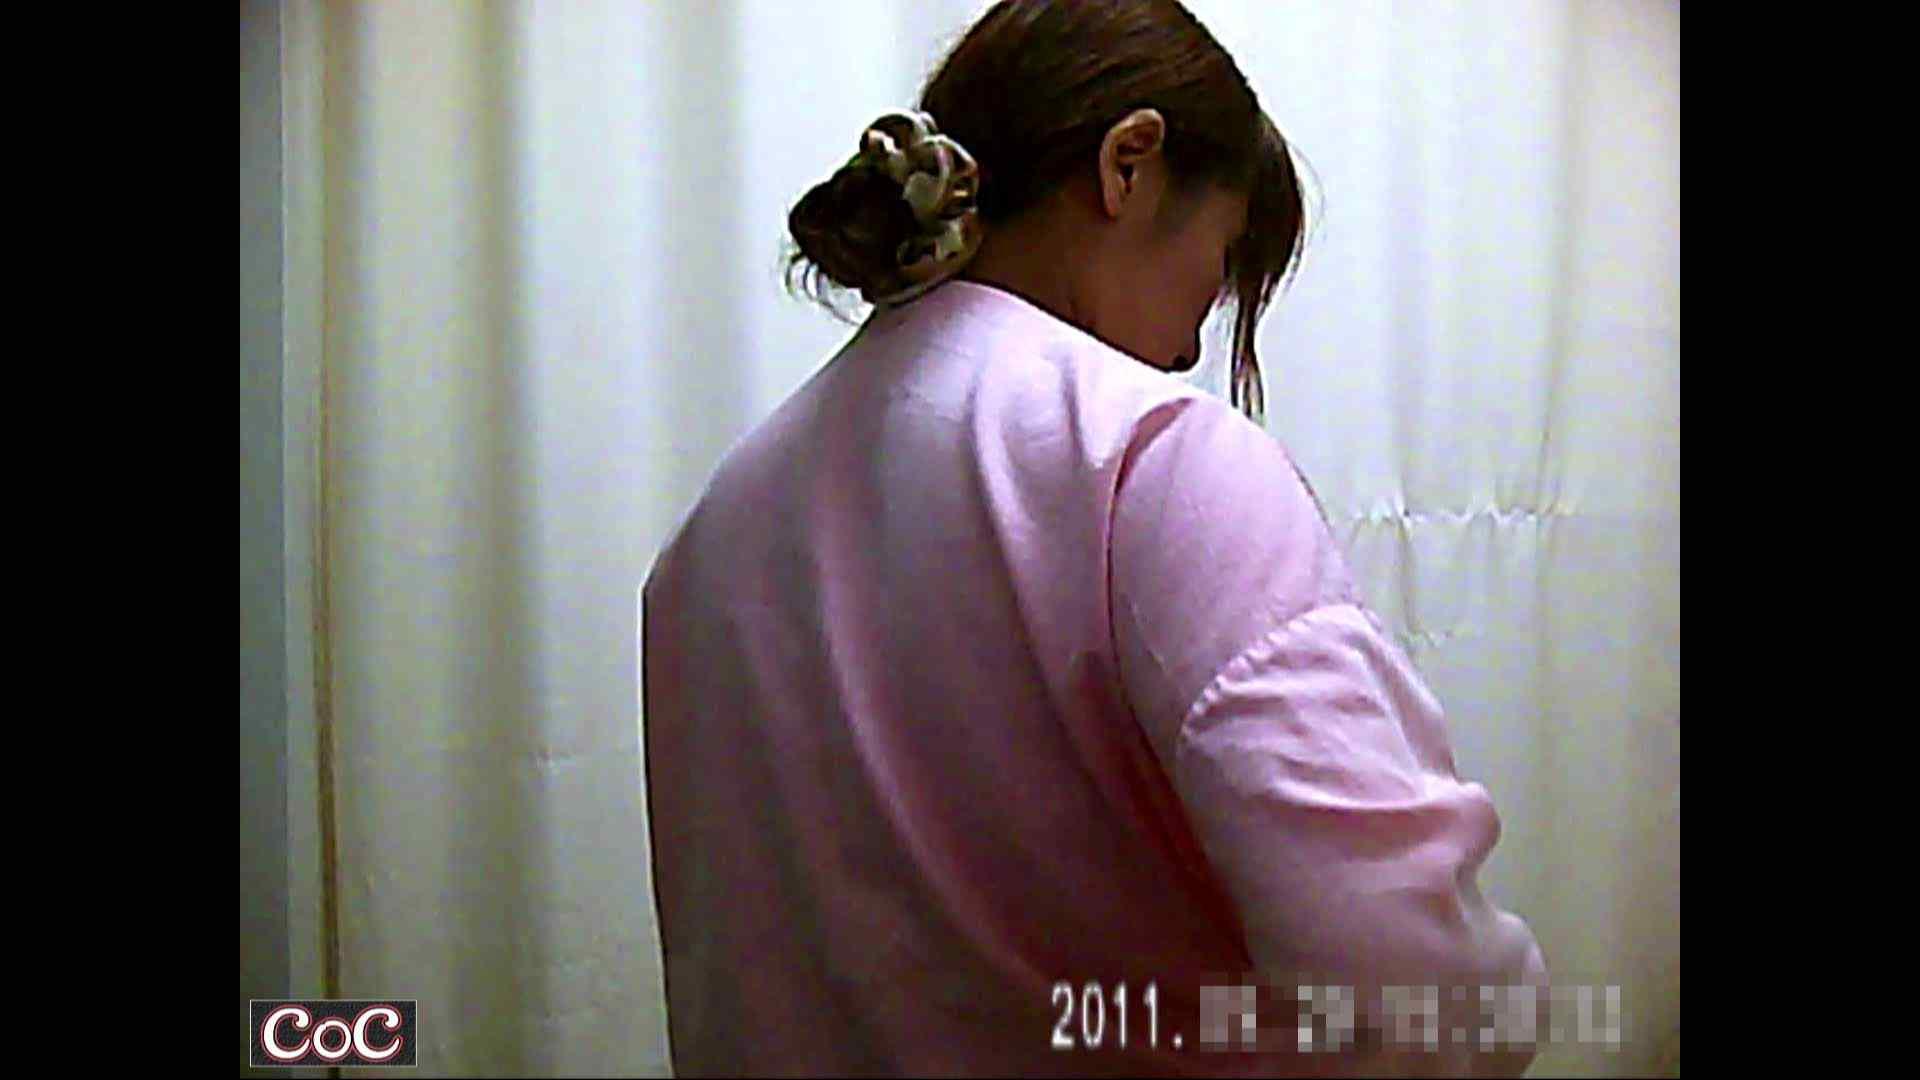 病院おもいっきり着替え! vol.41 巨乳 オマンコ動画キャプチャ 104pic 12